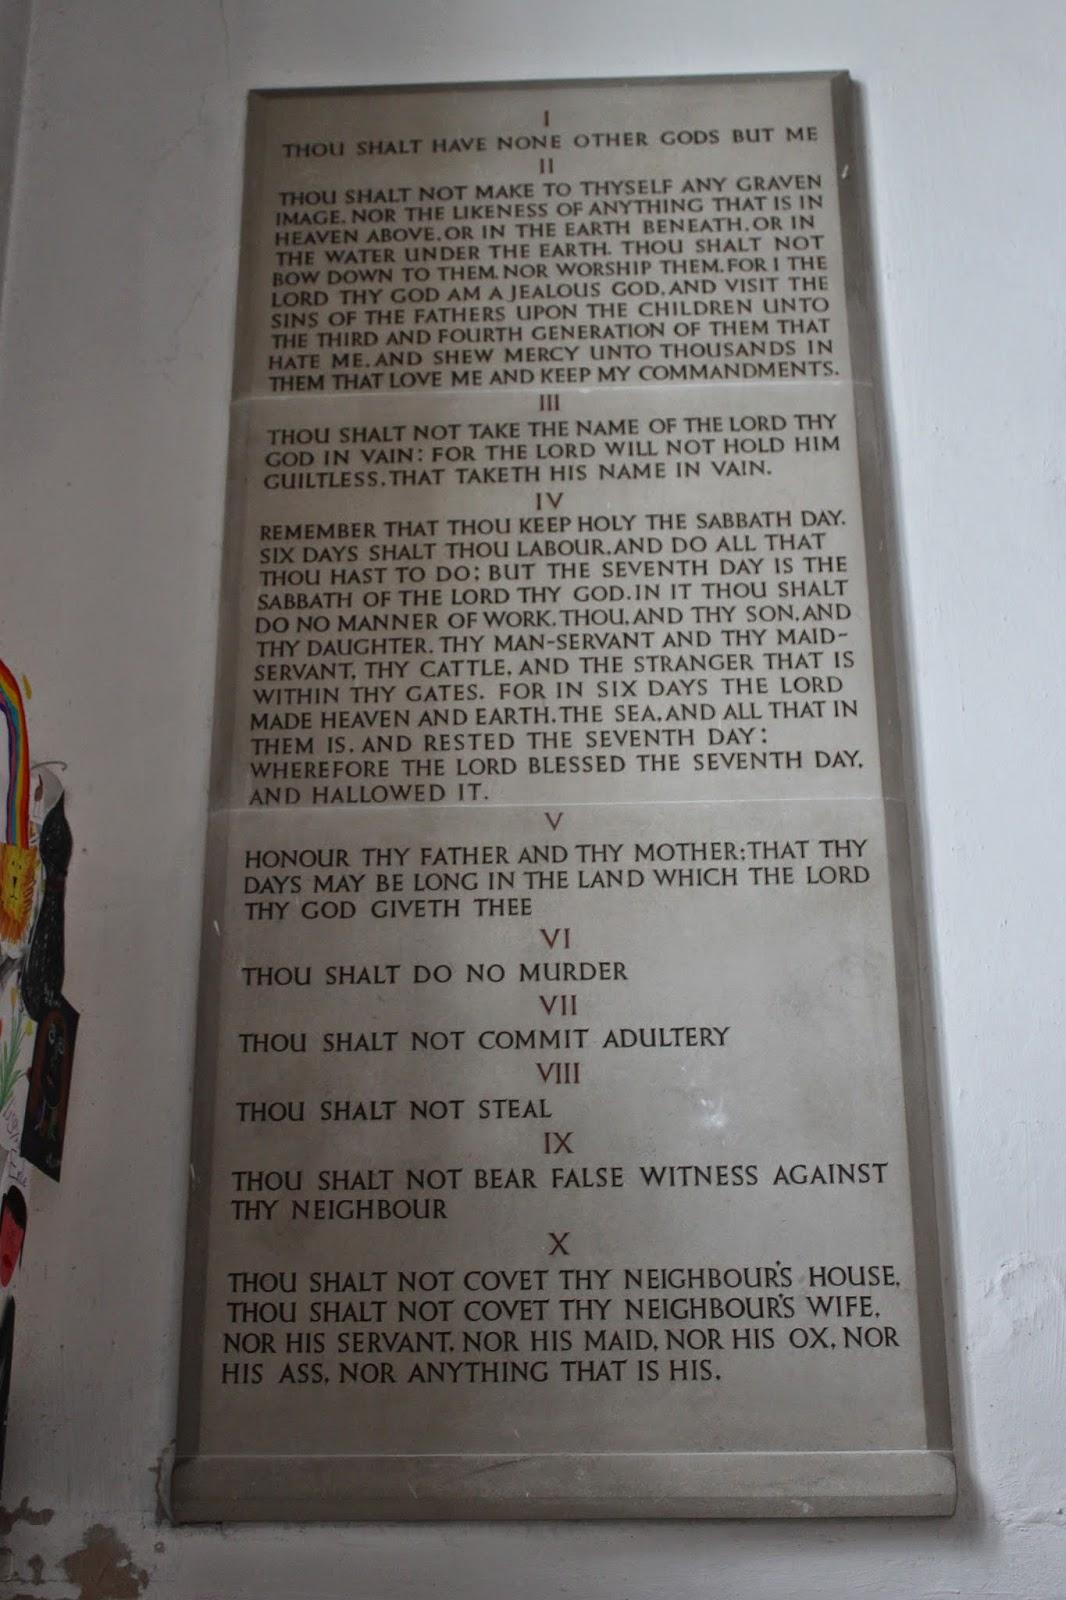 resignation letter word document%0A Between Sabbatical Art Pilgrimage St Margaret u    s Ditchling And IMG       Sabbatical Art Pilgrimage St Margaretshtml